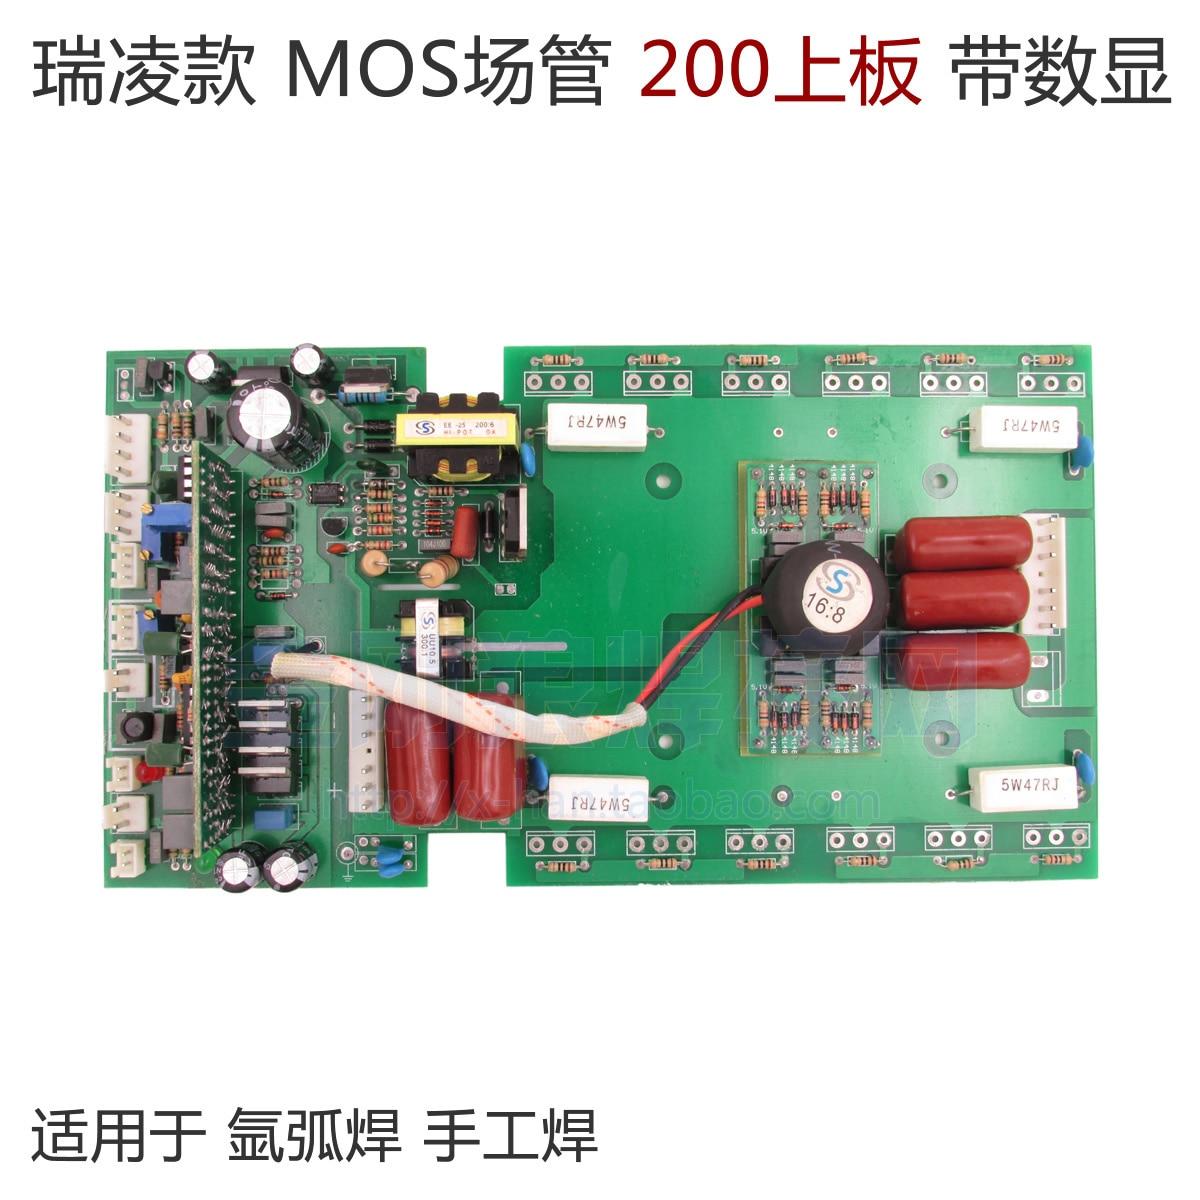 YDT Rui Ling MOS field pipe upper plate inverter plate digital display argon arc welding TIG manual welding ARC 200 rui ni weier